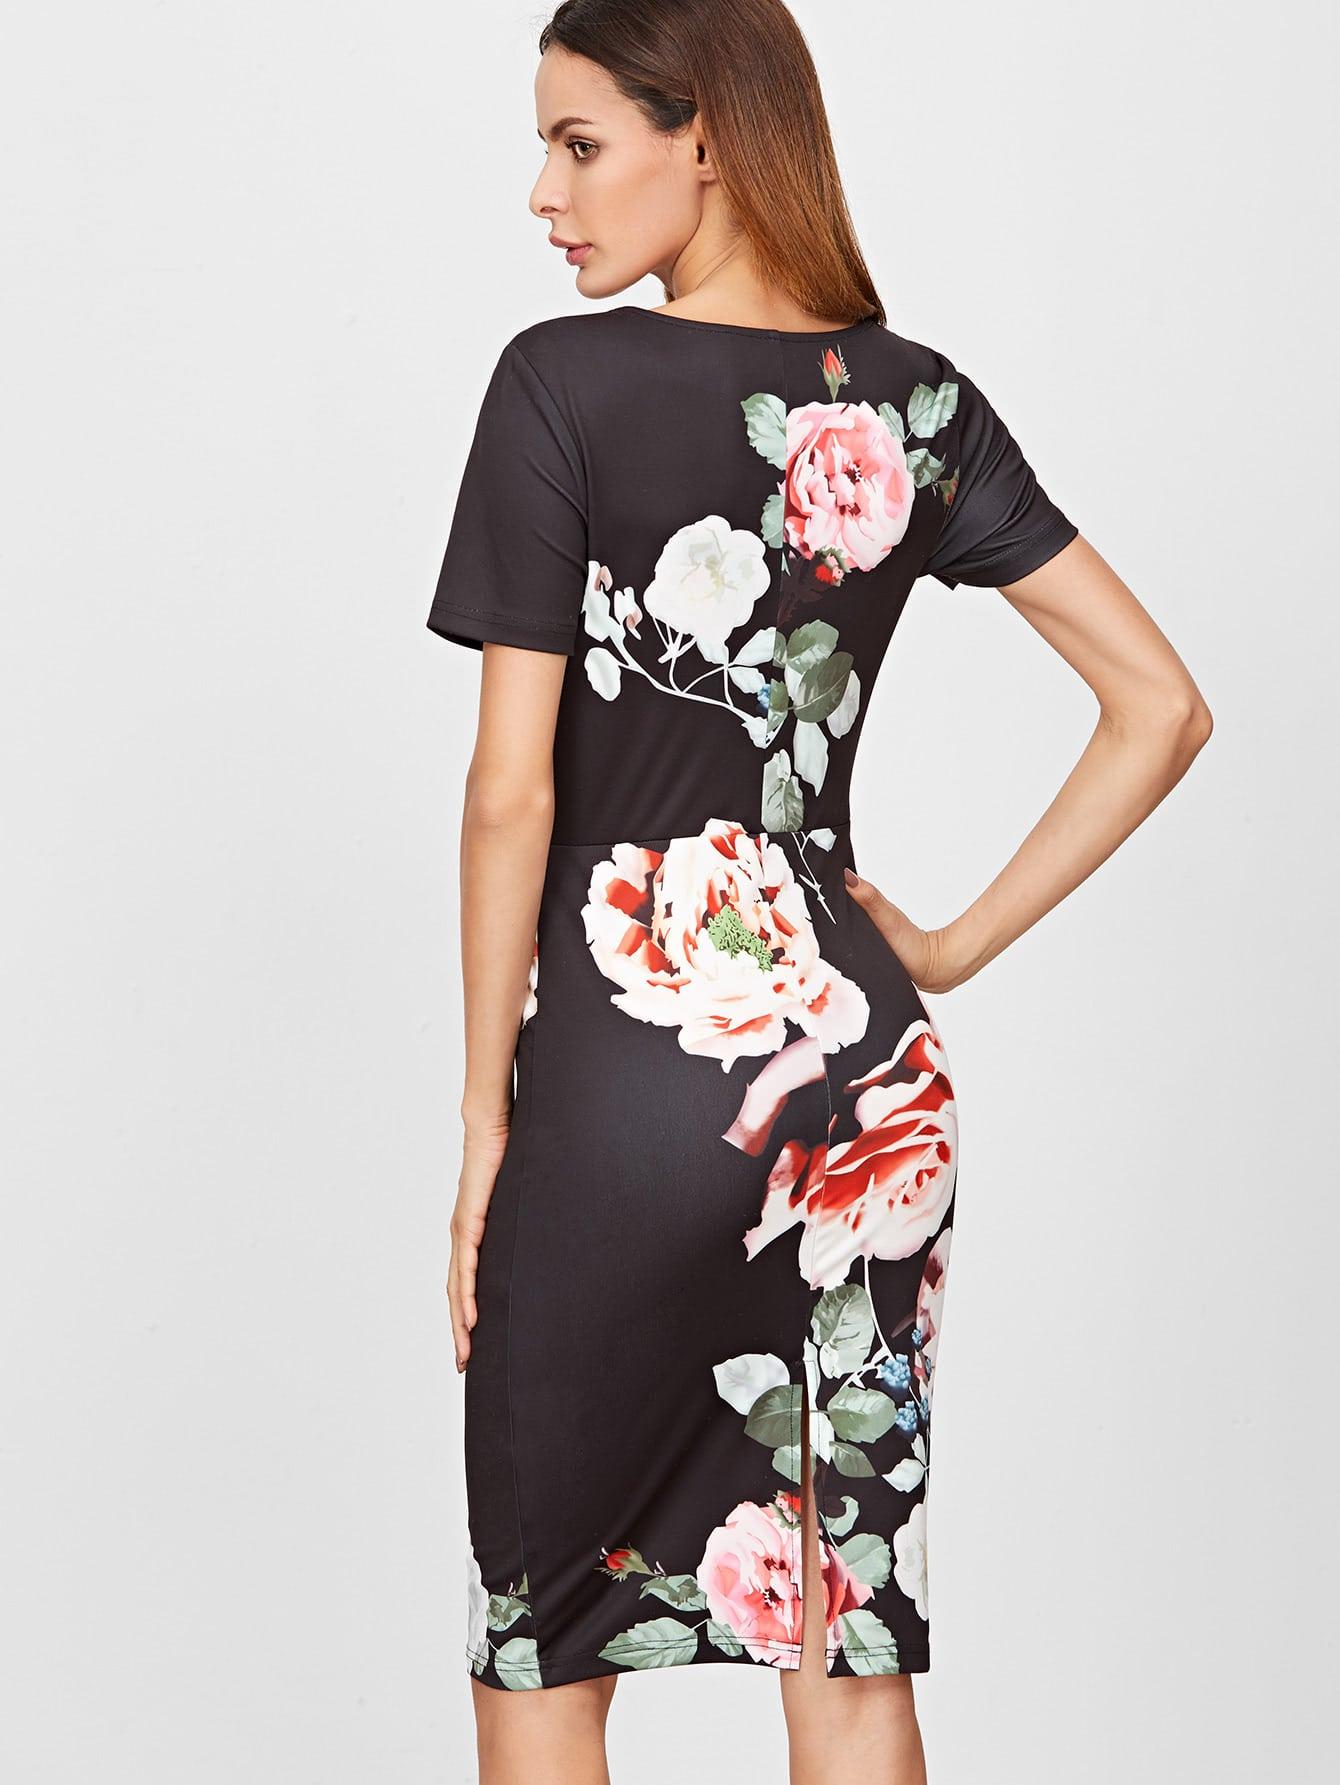 dress161028707_1